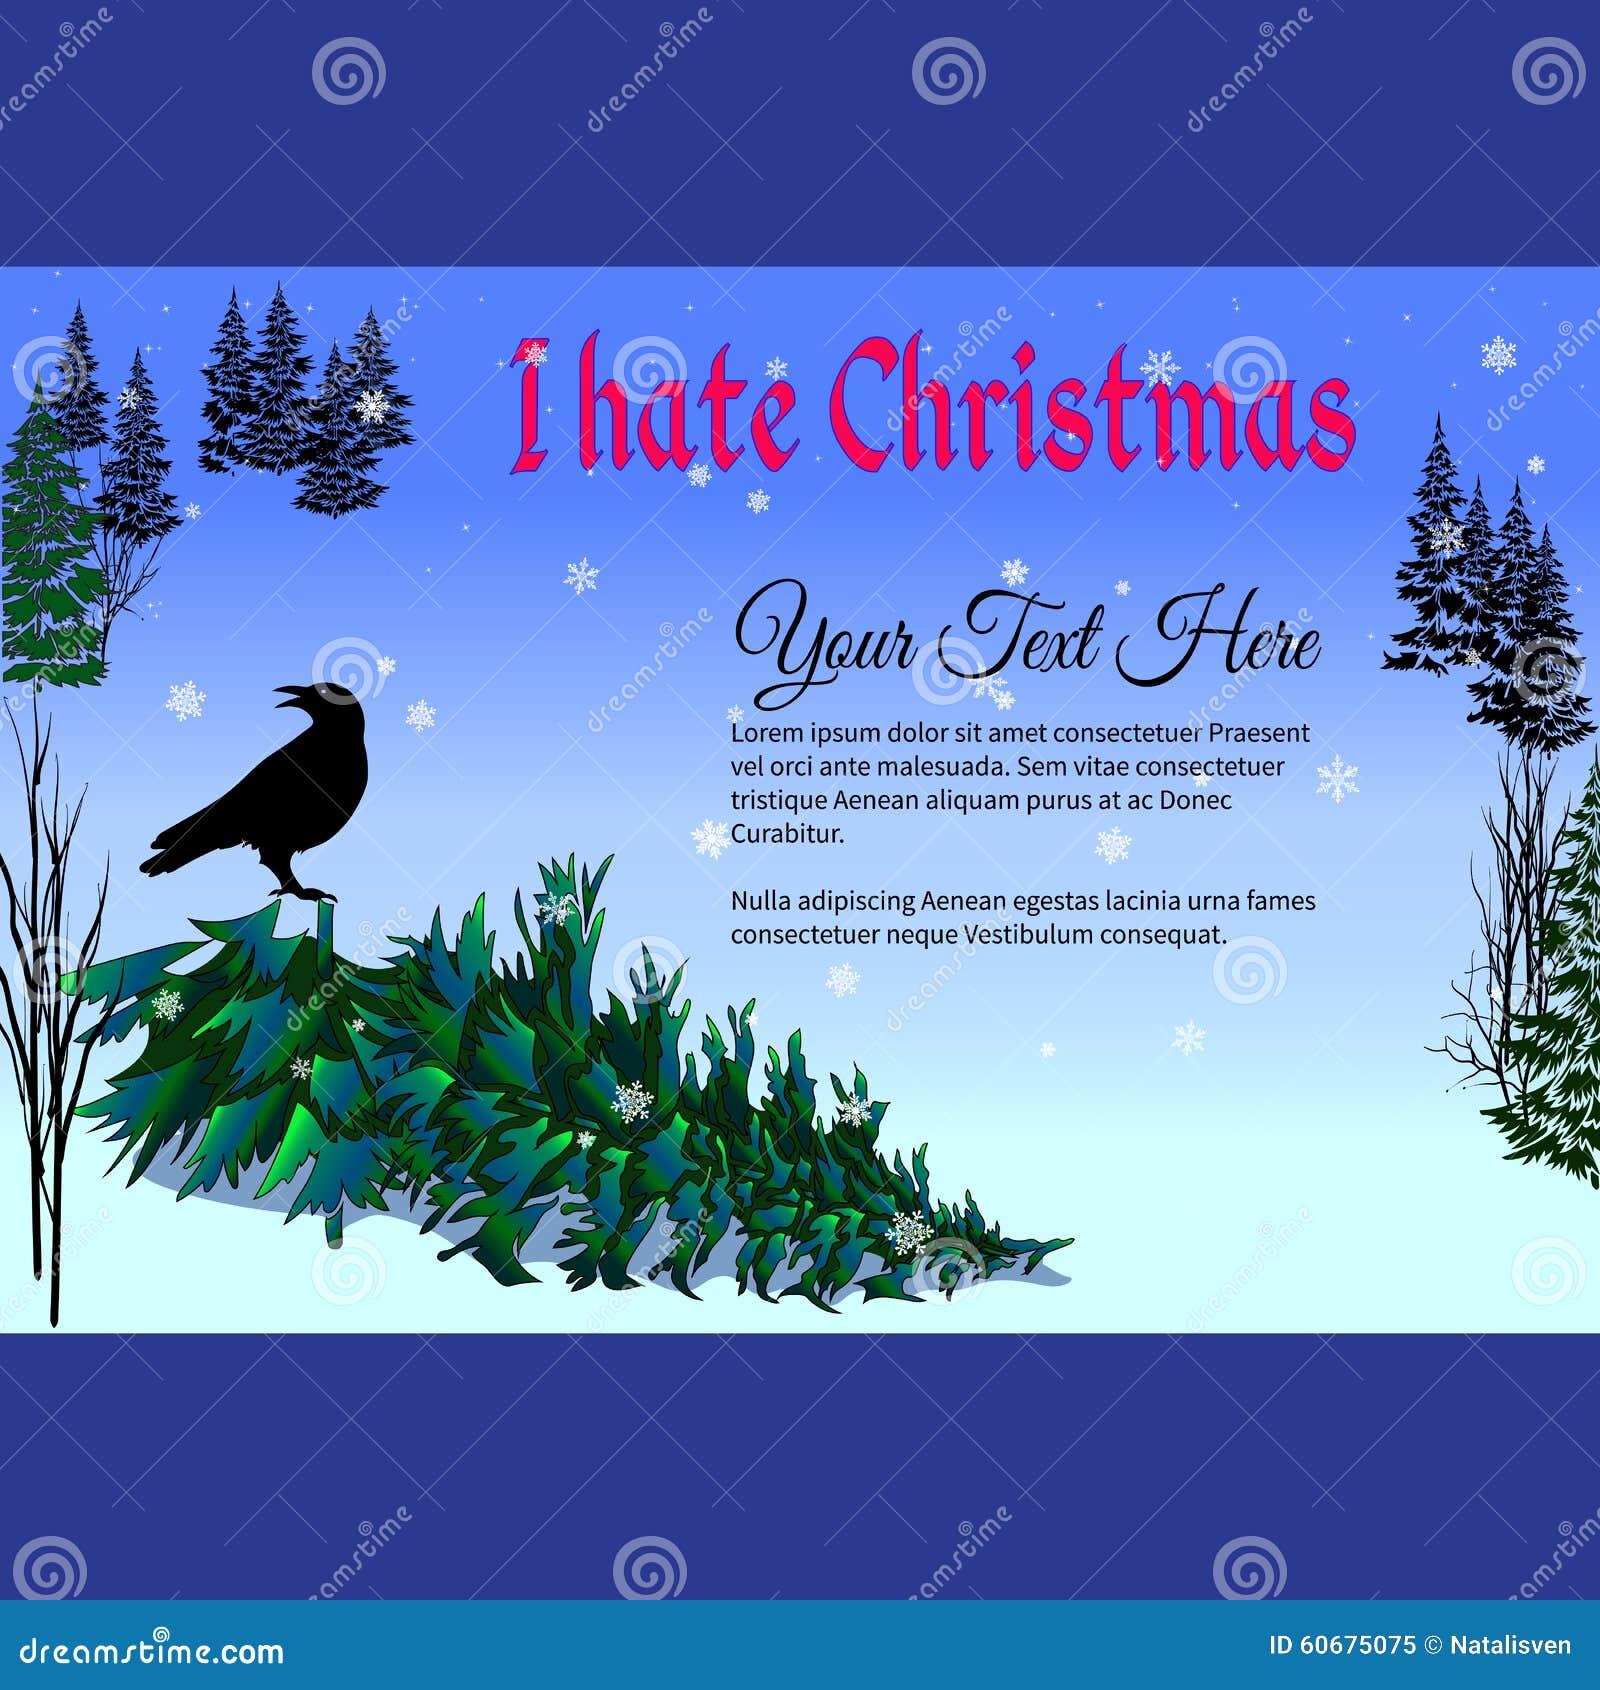 Weihnachtsbaum Mit Wörtern Hasse Ich Weihnachten Feld Für Text ...